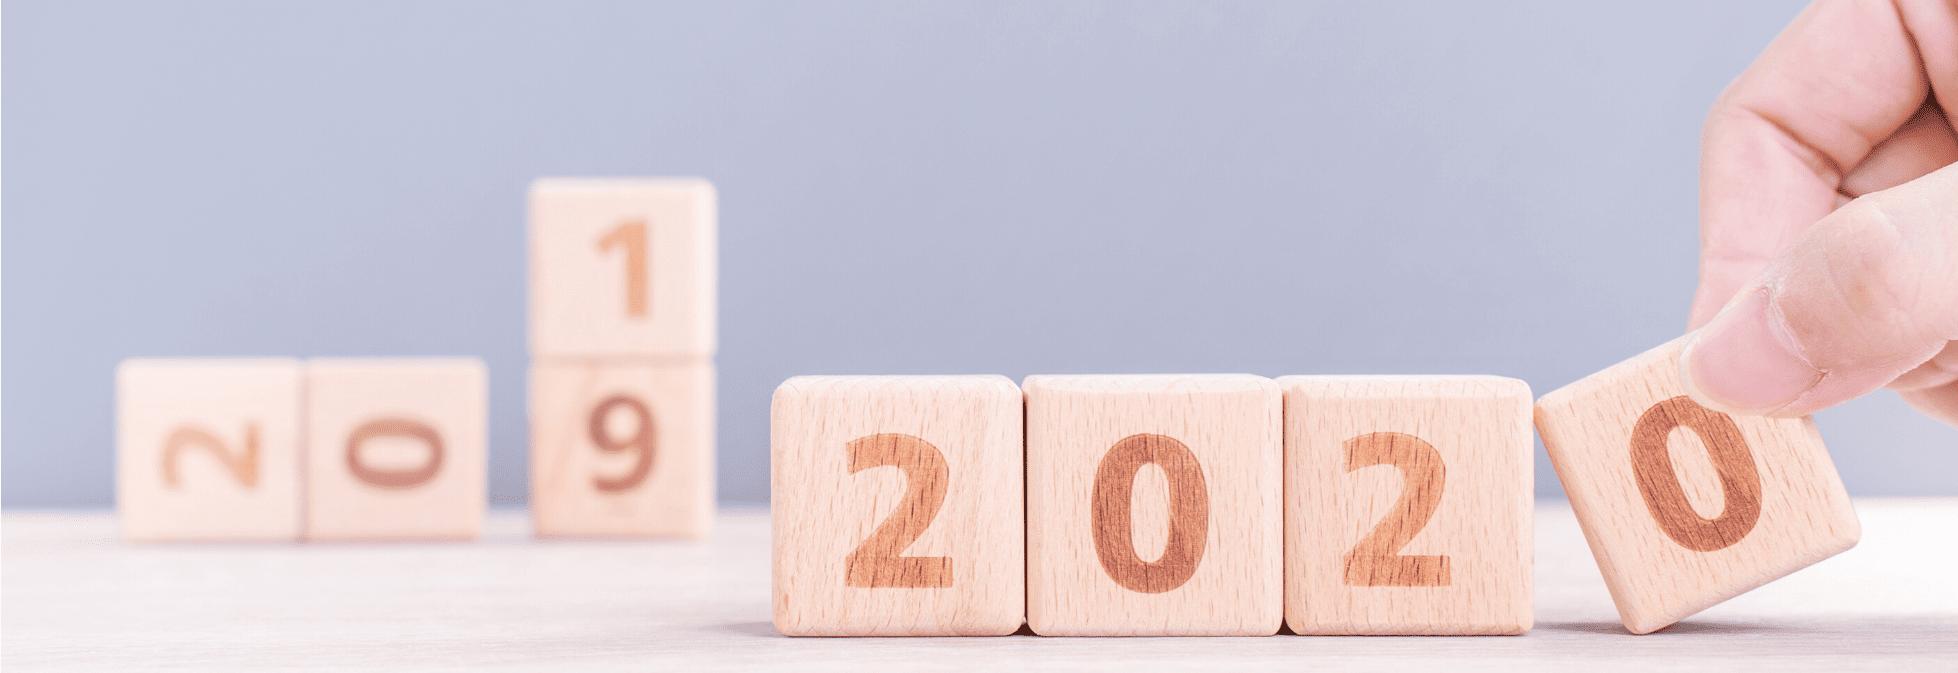 Co w Nowym 2020 Roku?